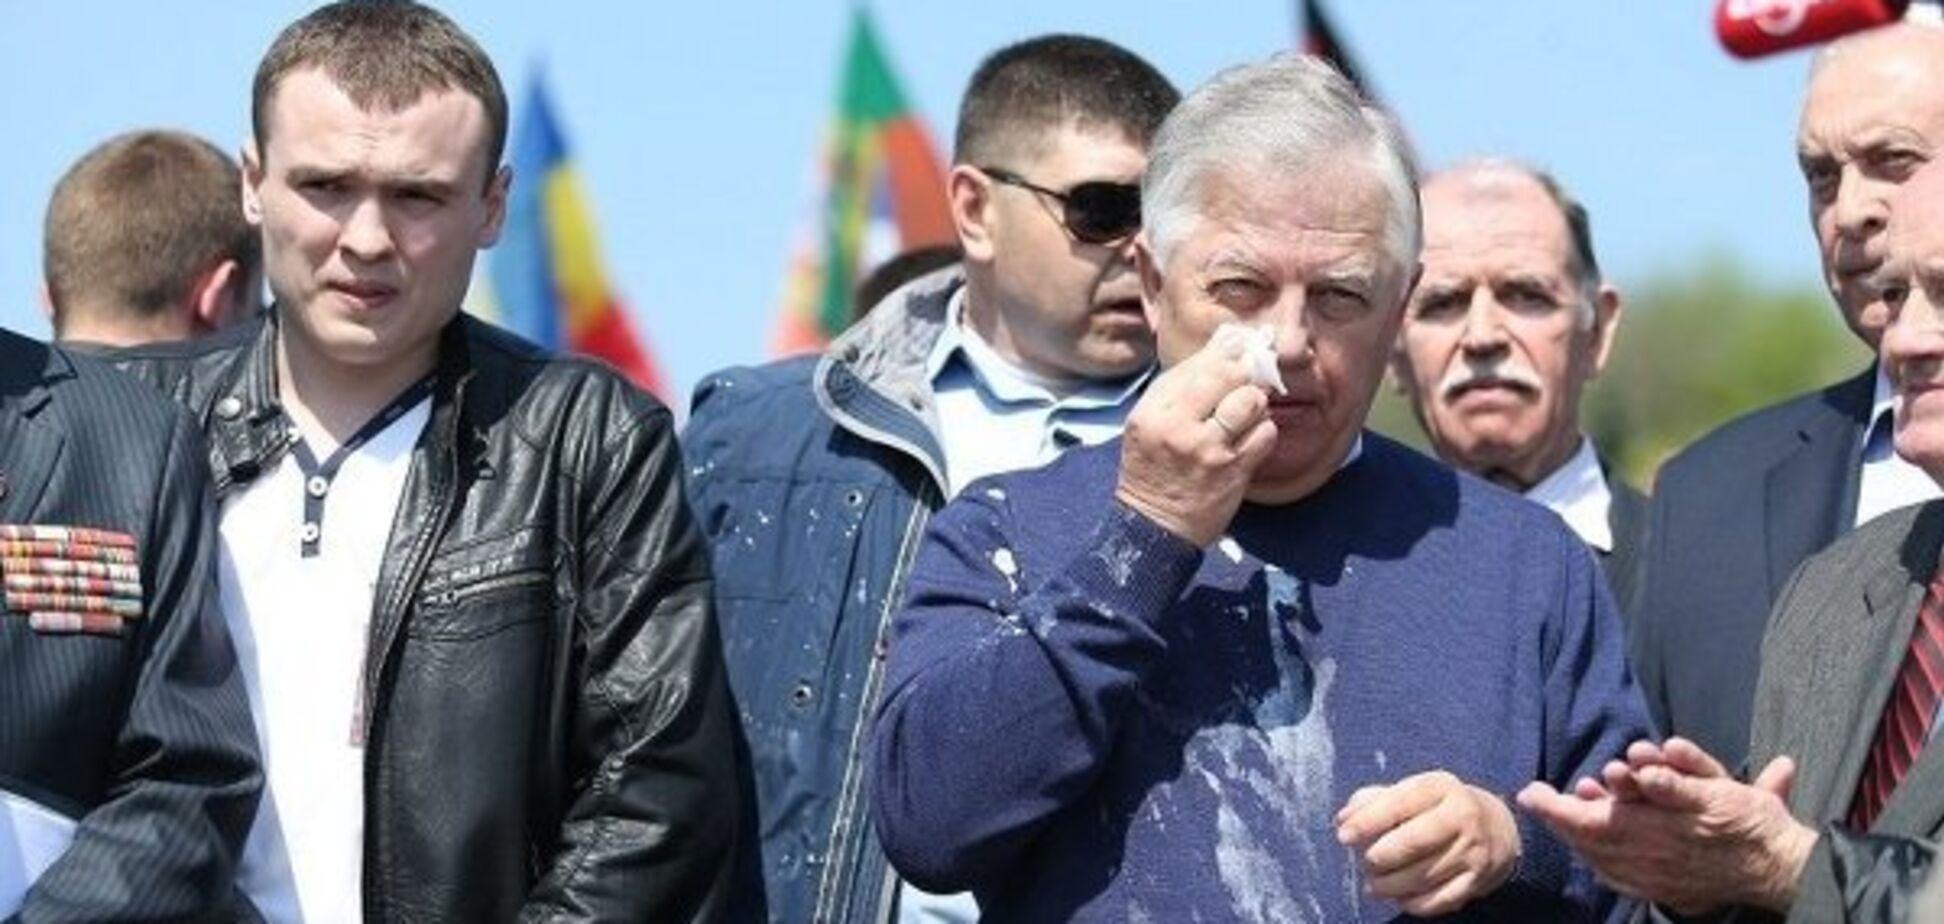 Симоненко в эфире КремльТВ назвал Украину террористической организацией: появилось видео